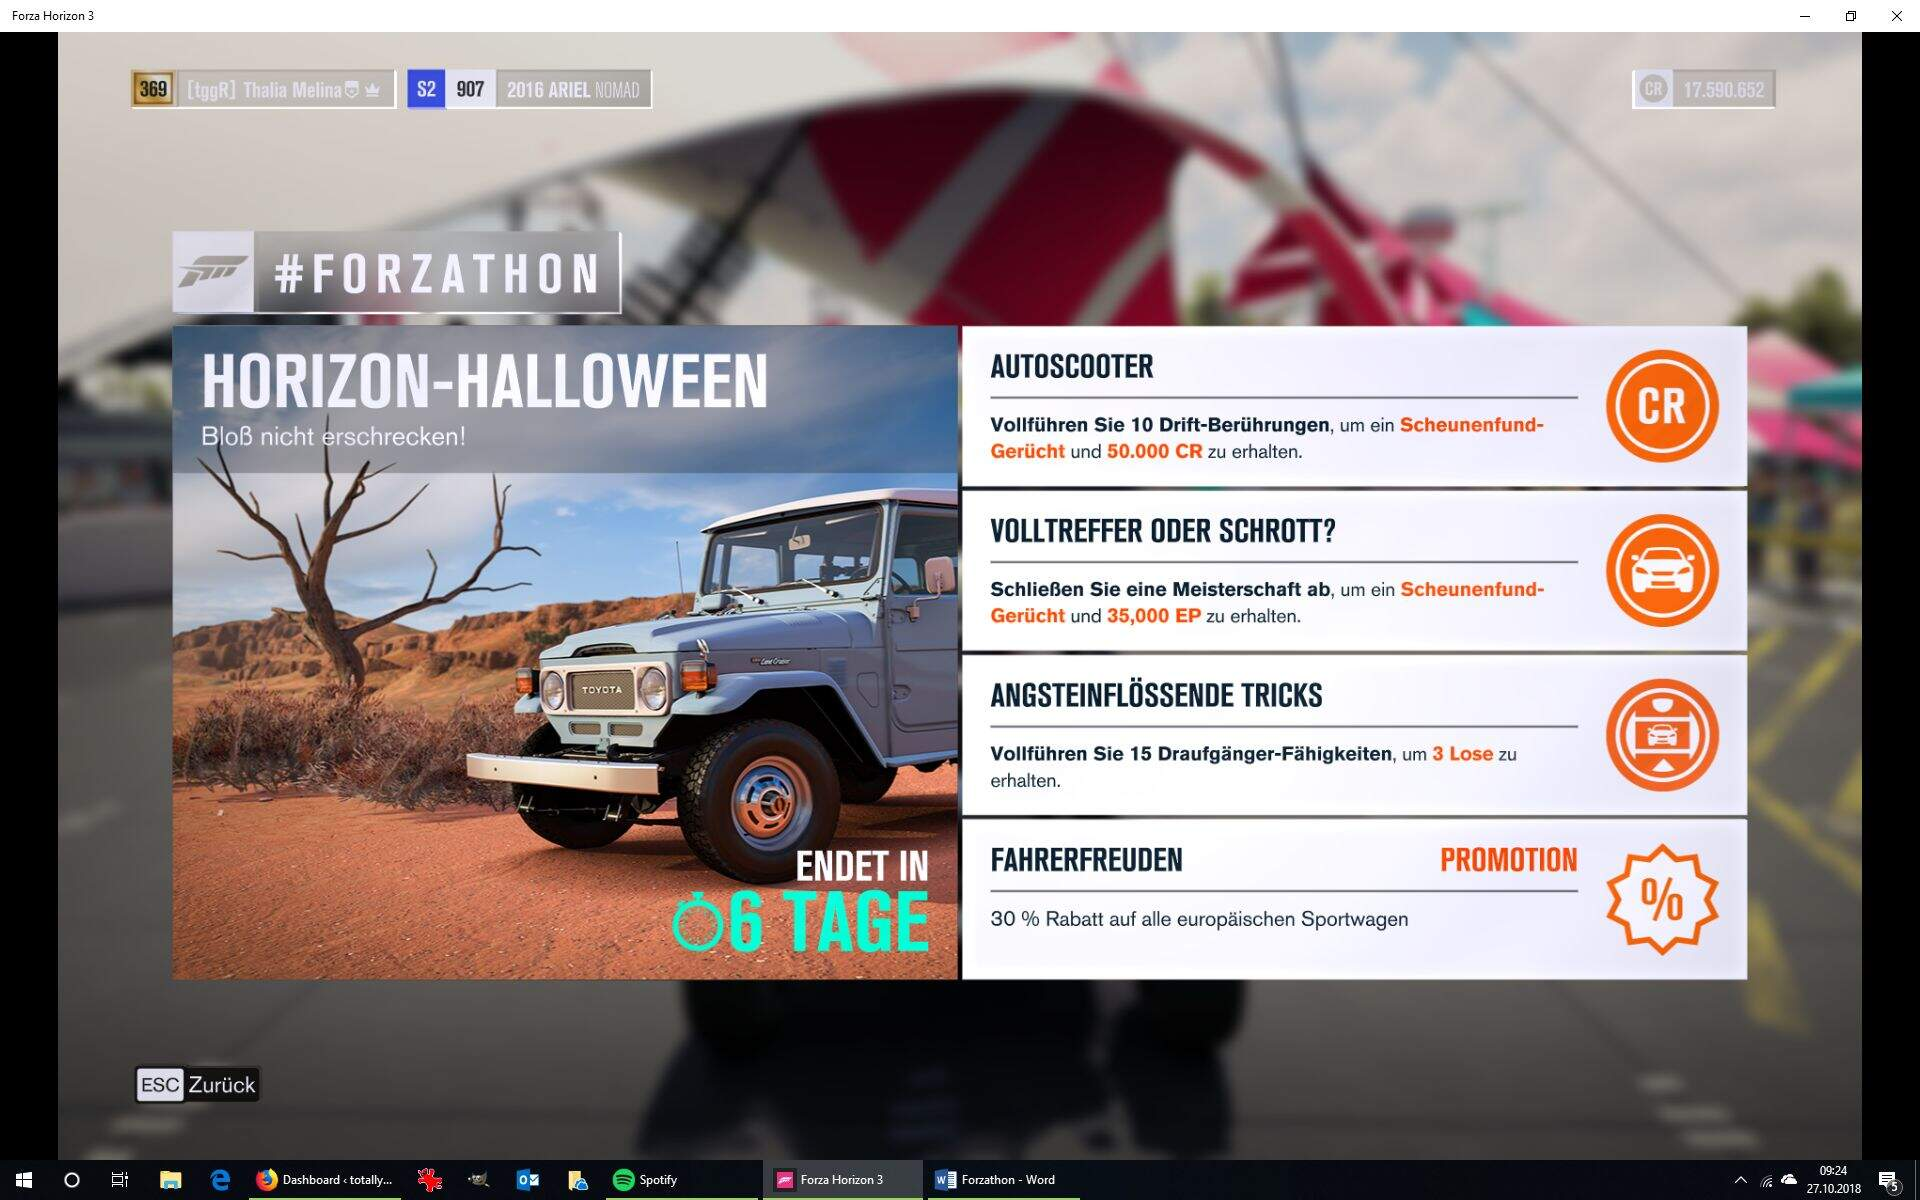 Forza Horizon 3 #Forzathon Guide KW 43 – Horizon-Halloween